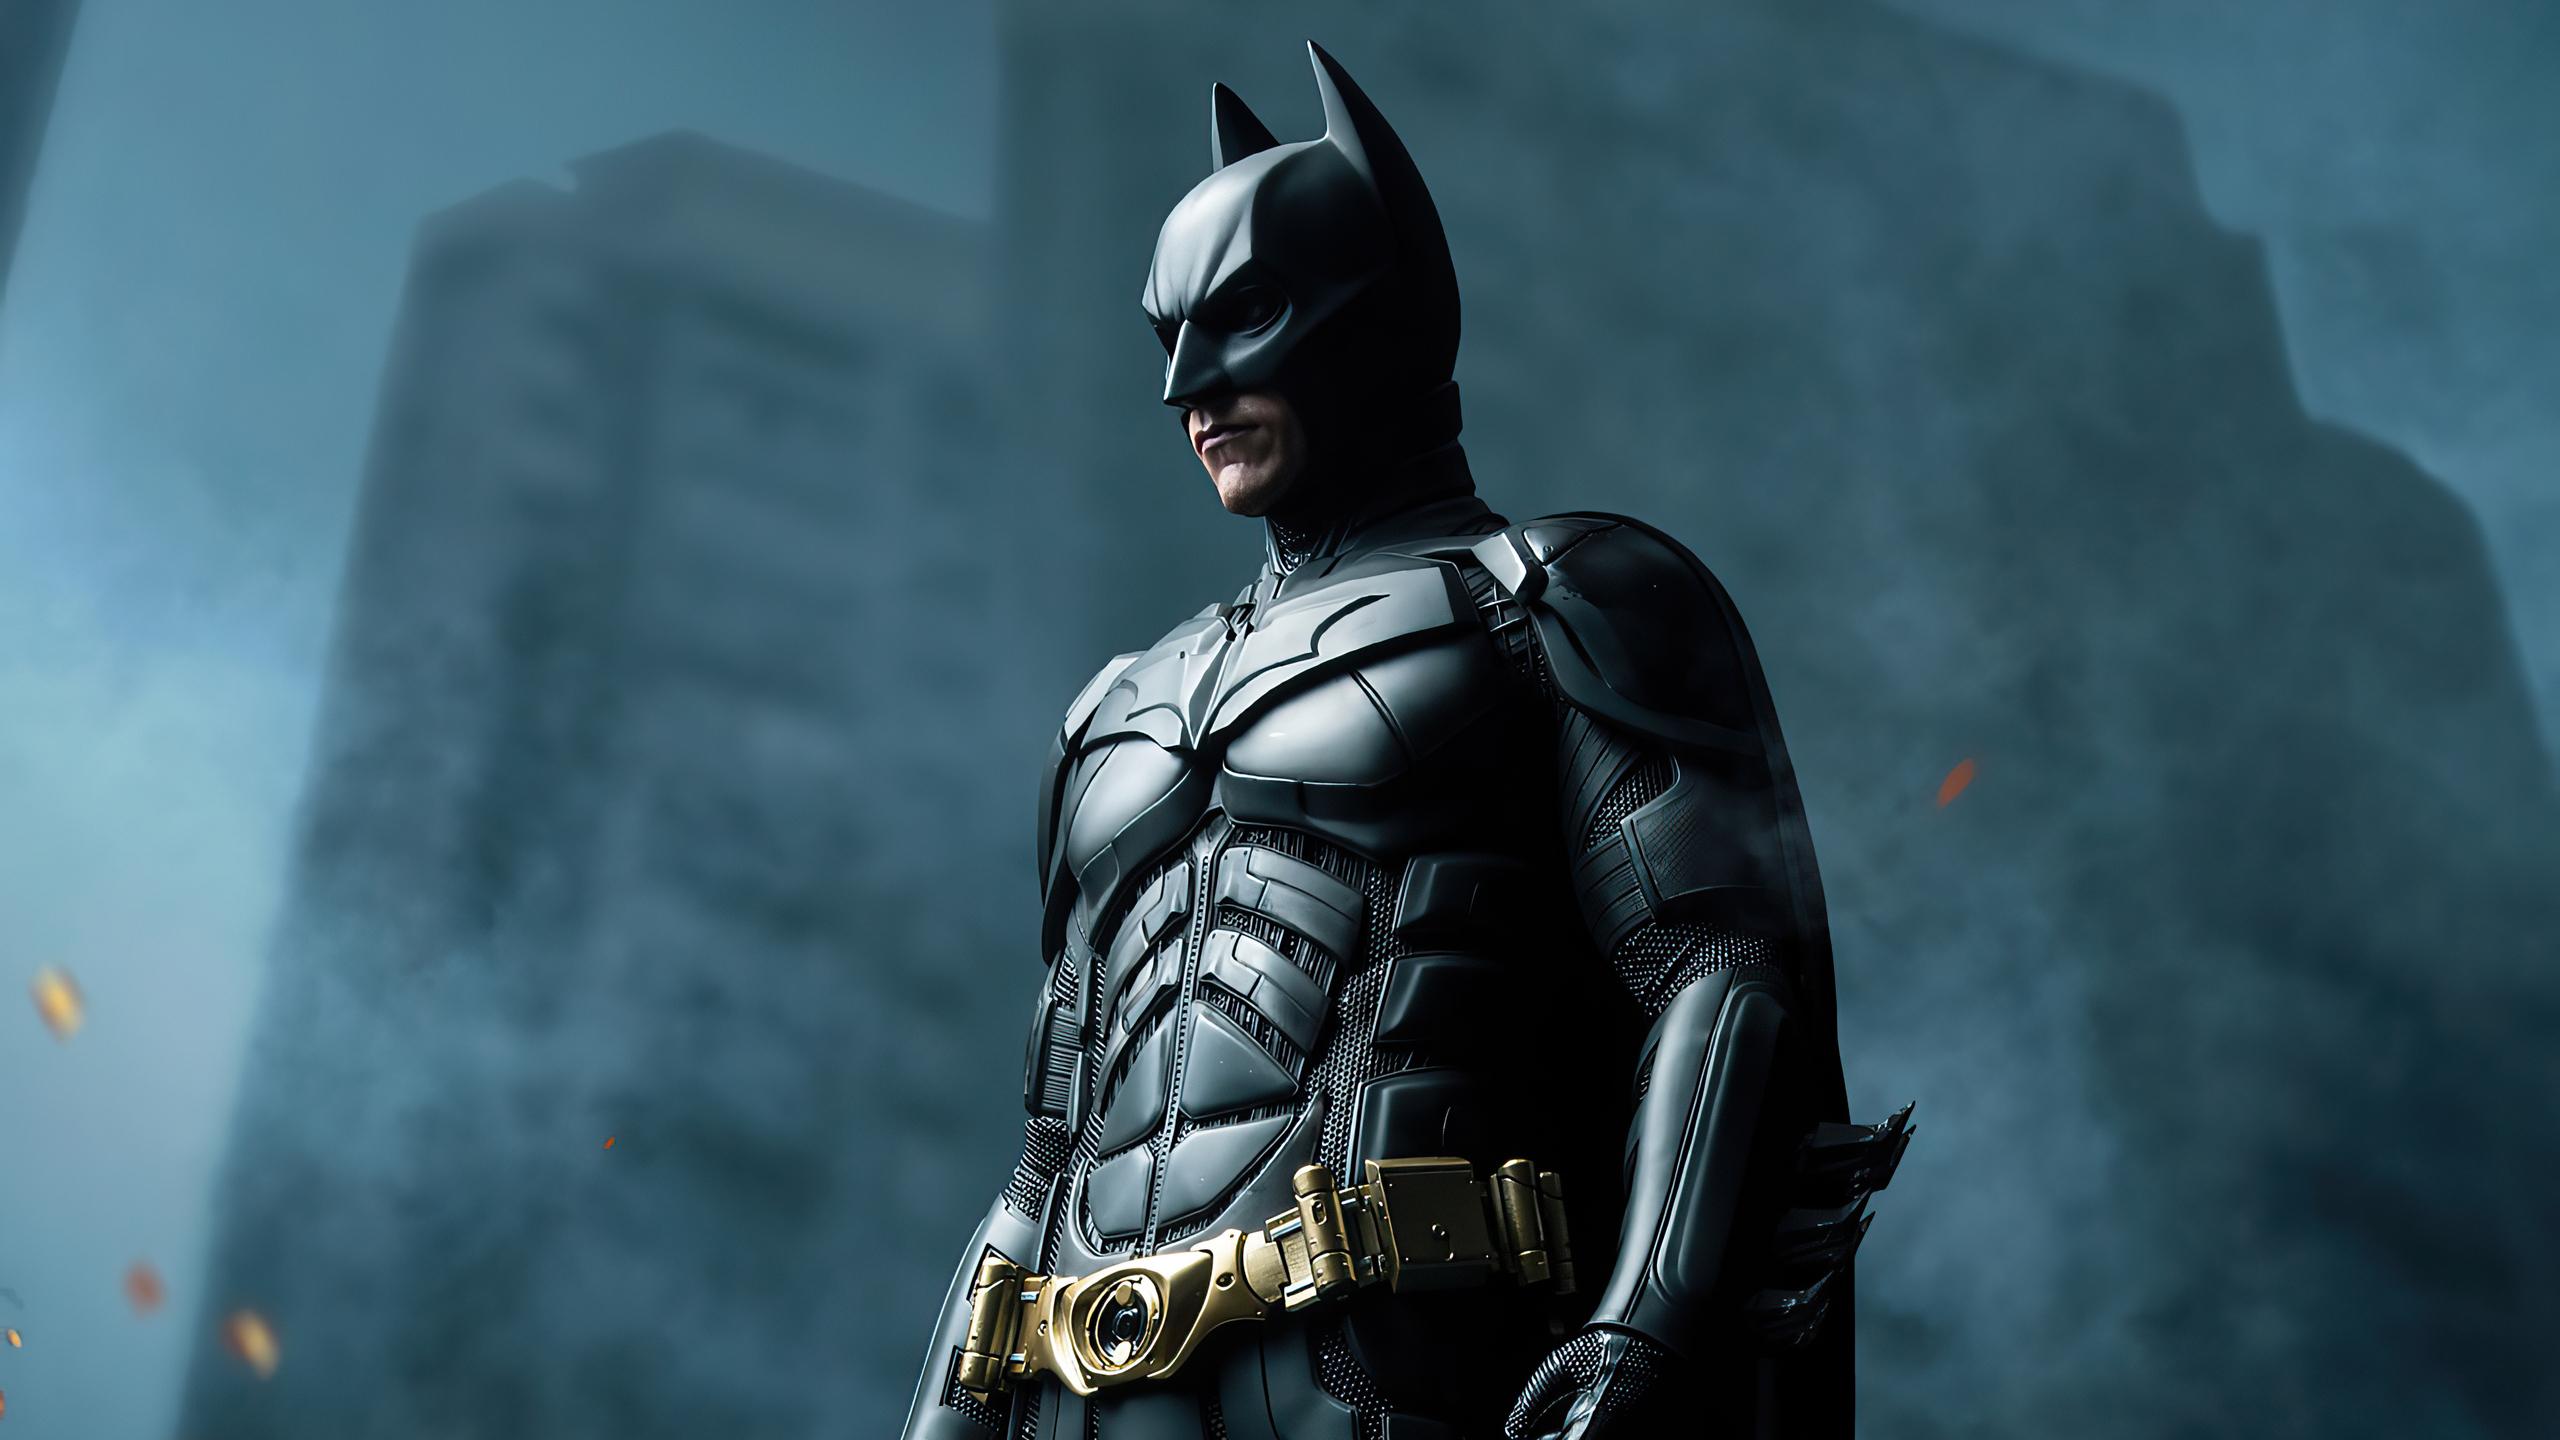 2560x1440 4k The Batman Knight 1440P Resolution HD 4k ...